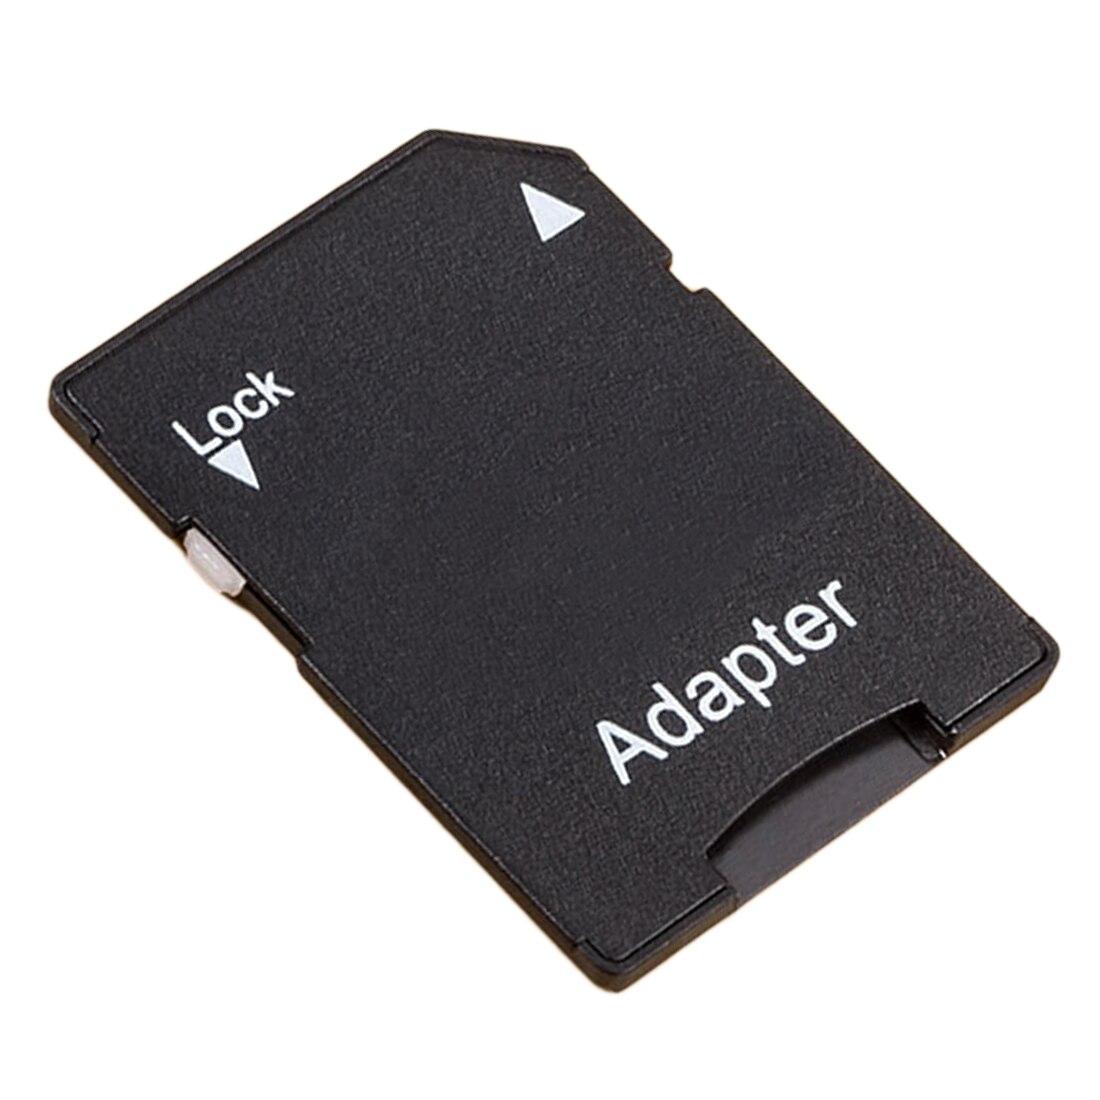 Etmakit 2 PCS Venda Quente Popular Micro SD TransFlash TF para SD Adaptador de Cartão de Memória SDHC Converter em Cartão SD